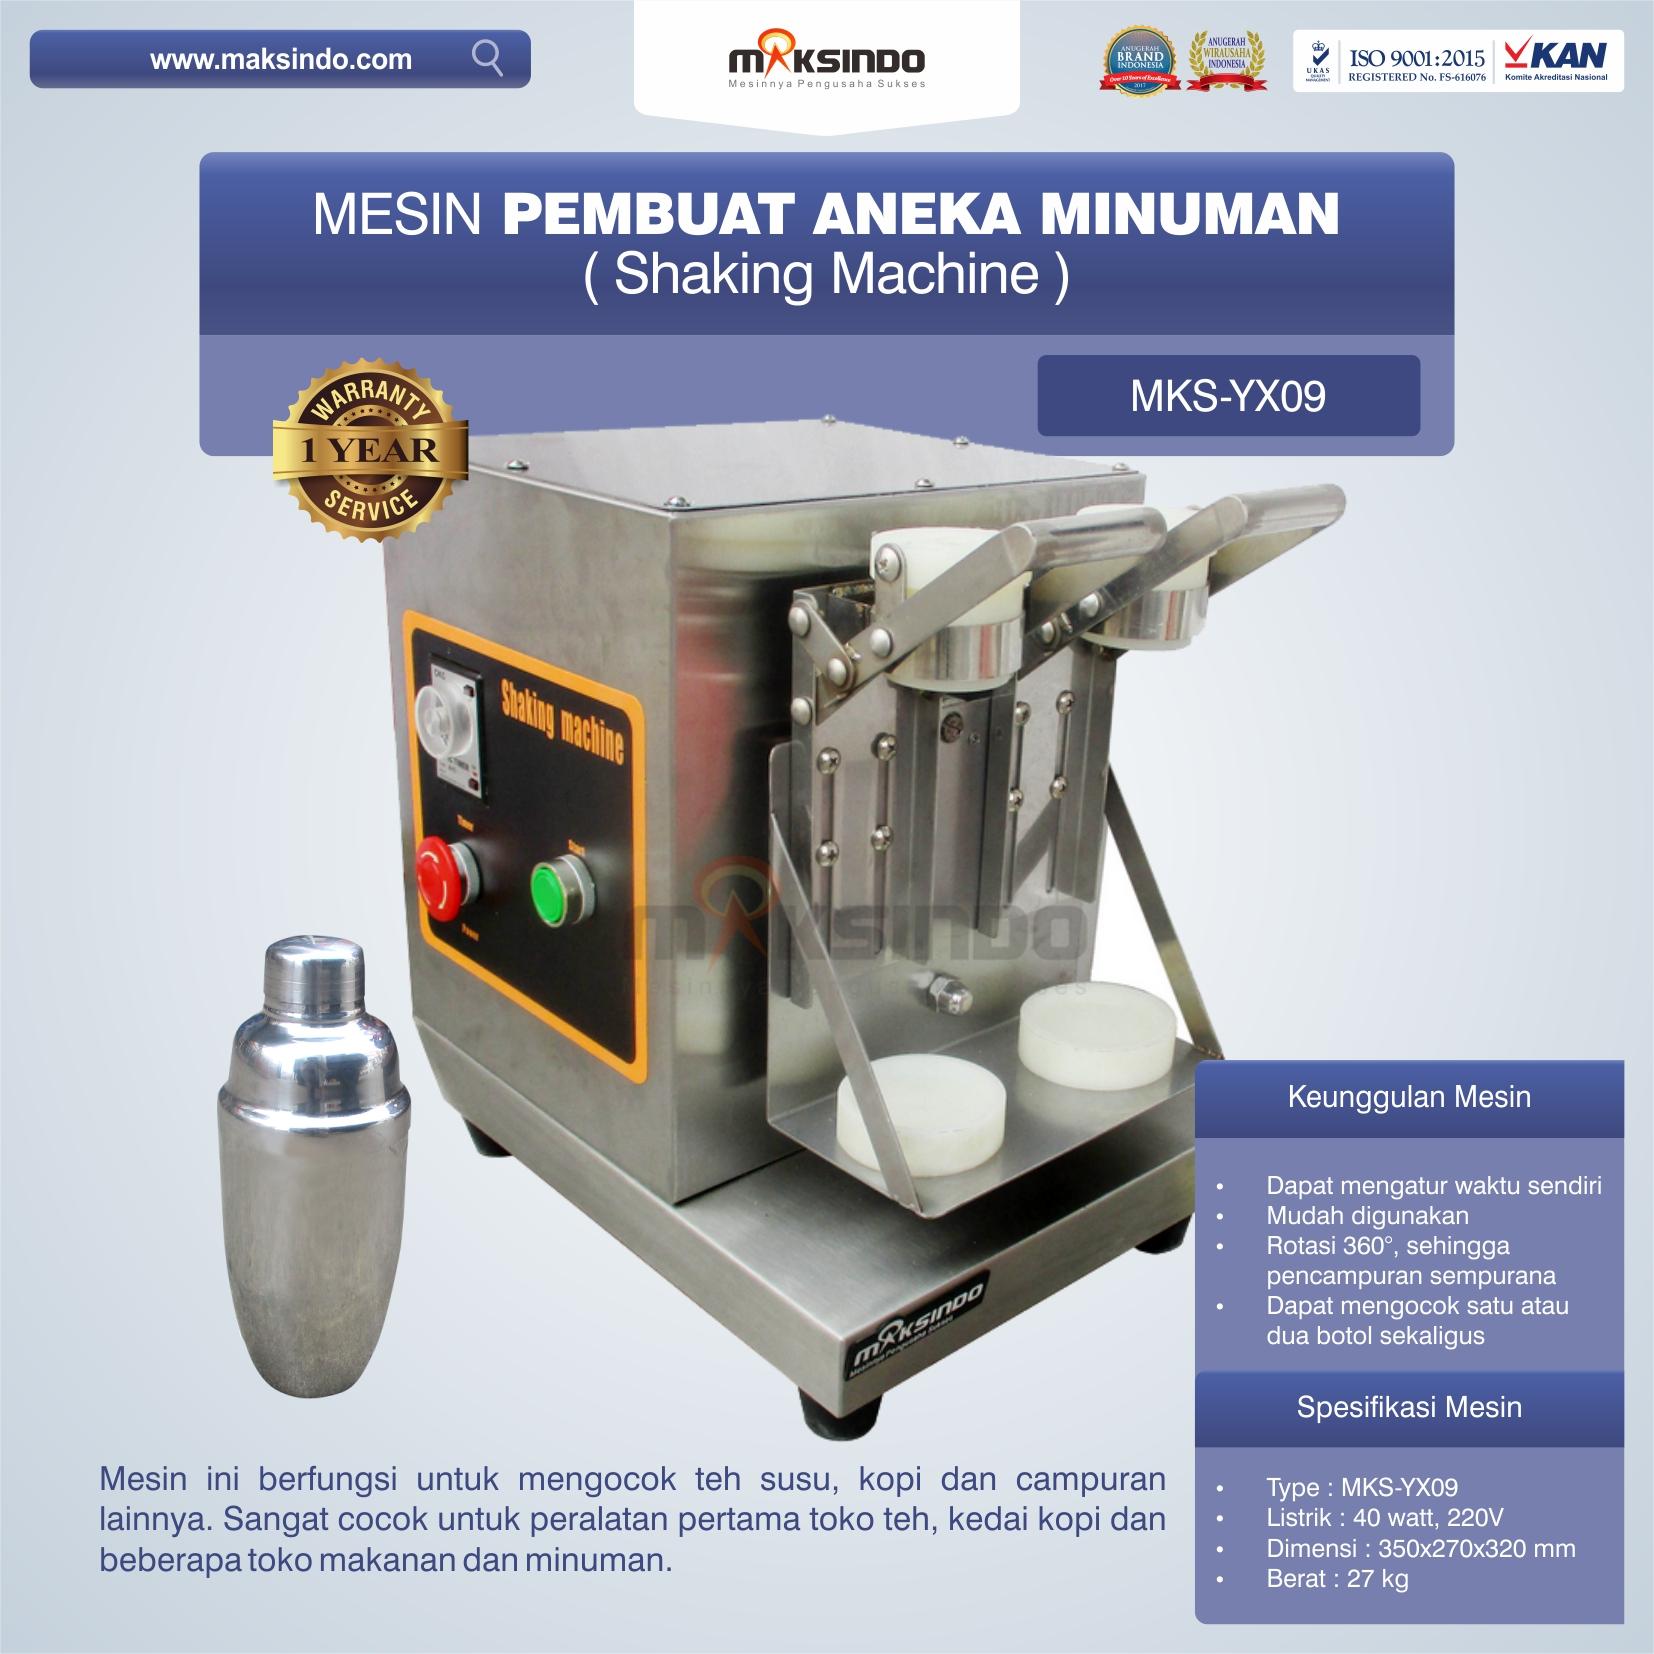 Jual Mesin Pembuat Aneka Minuman (Shaking Machine) MKS-YX09 di Jakarta